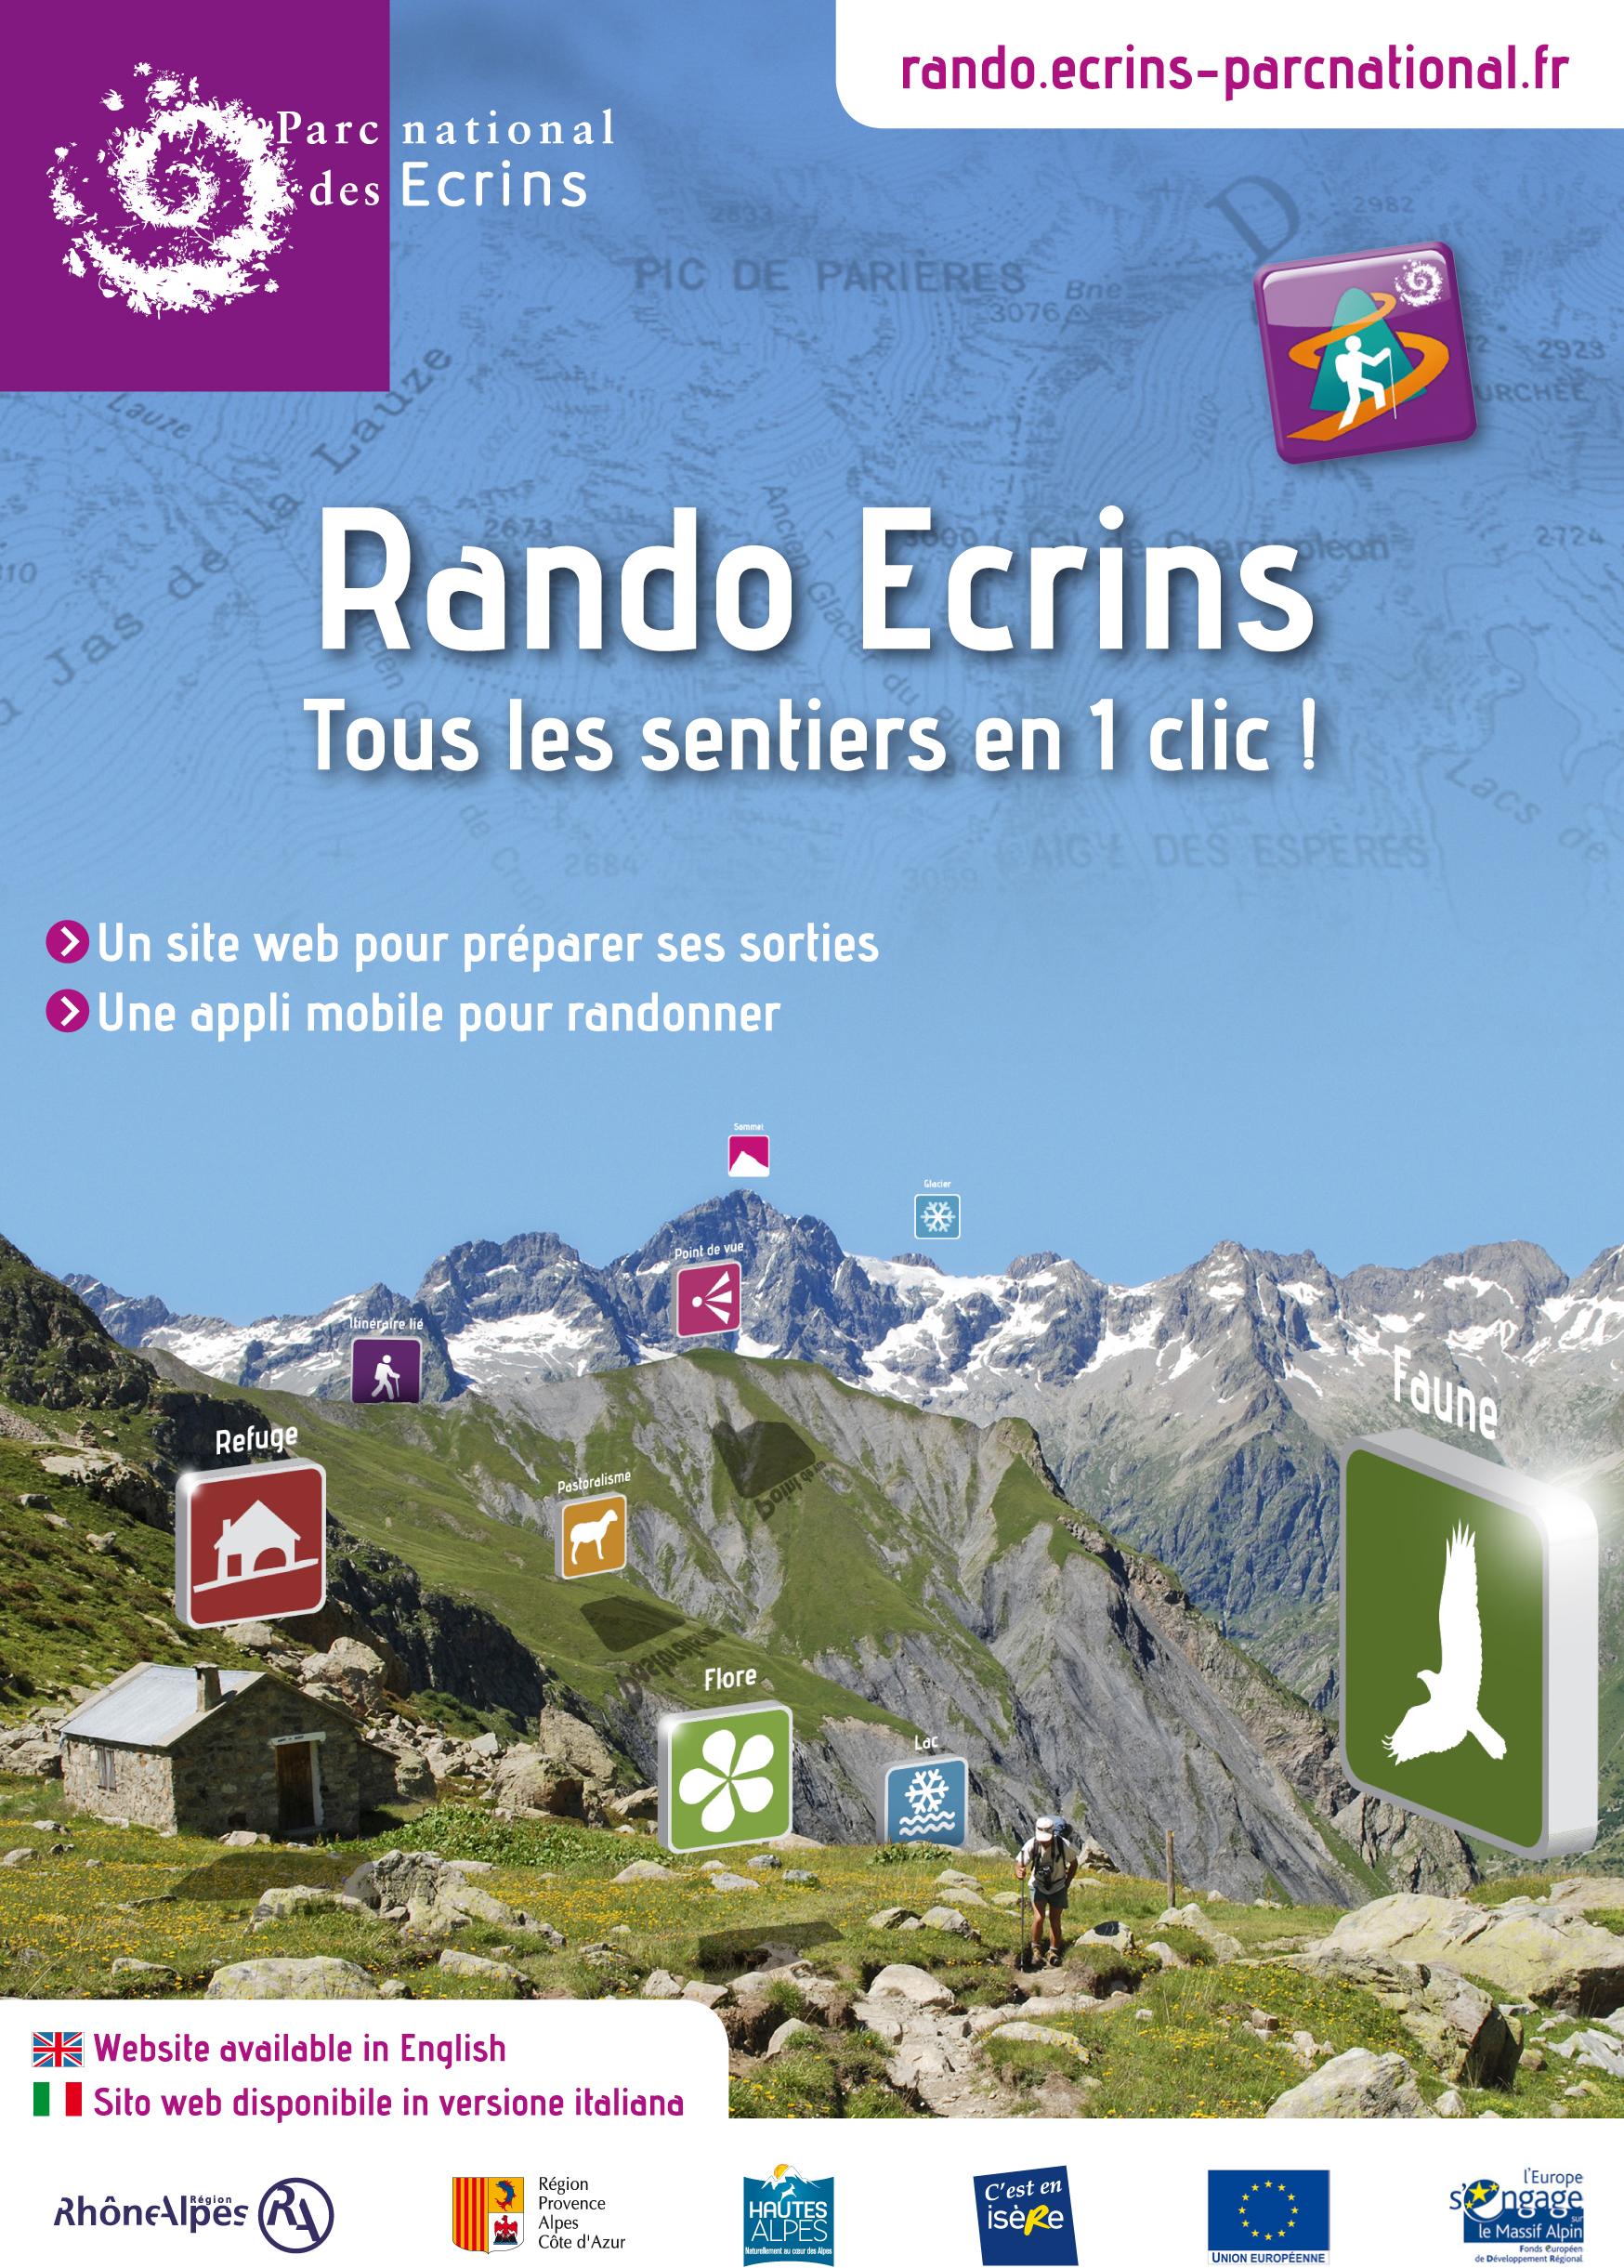 Rando Ecrins : L'Application Mobile Est Disponible avec Parc Des Ecrins